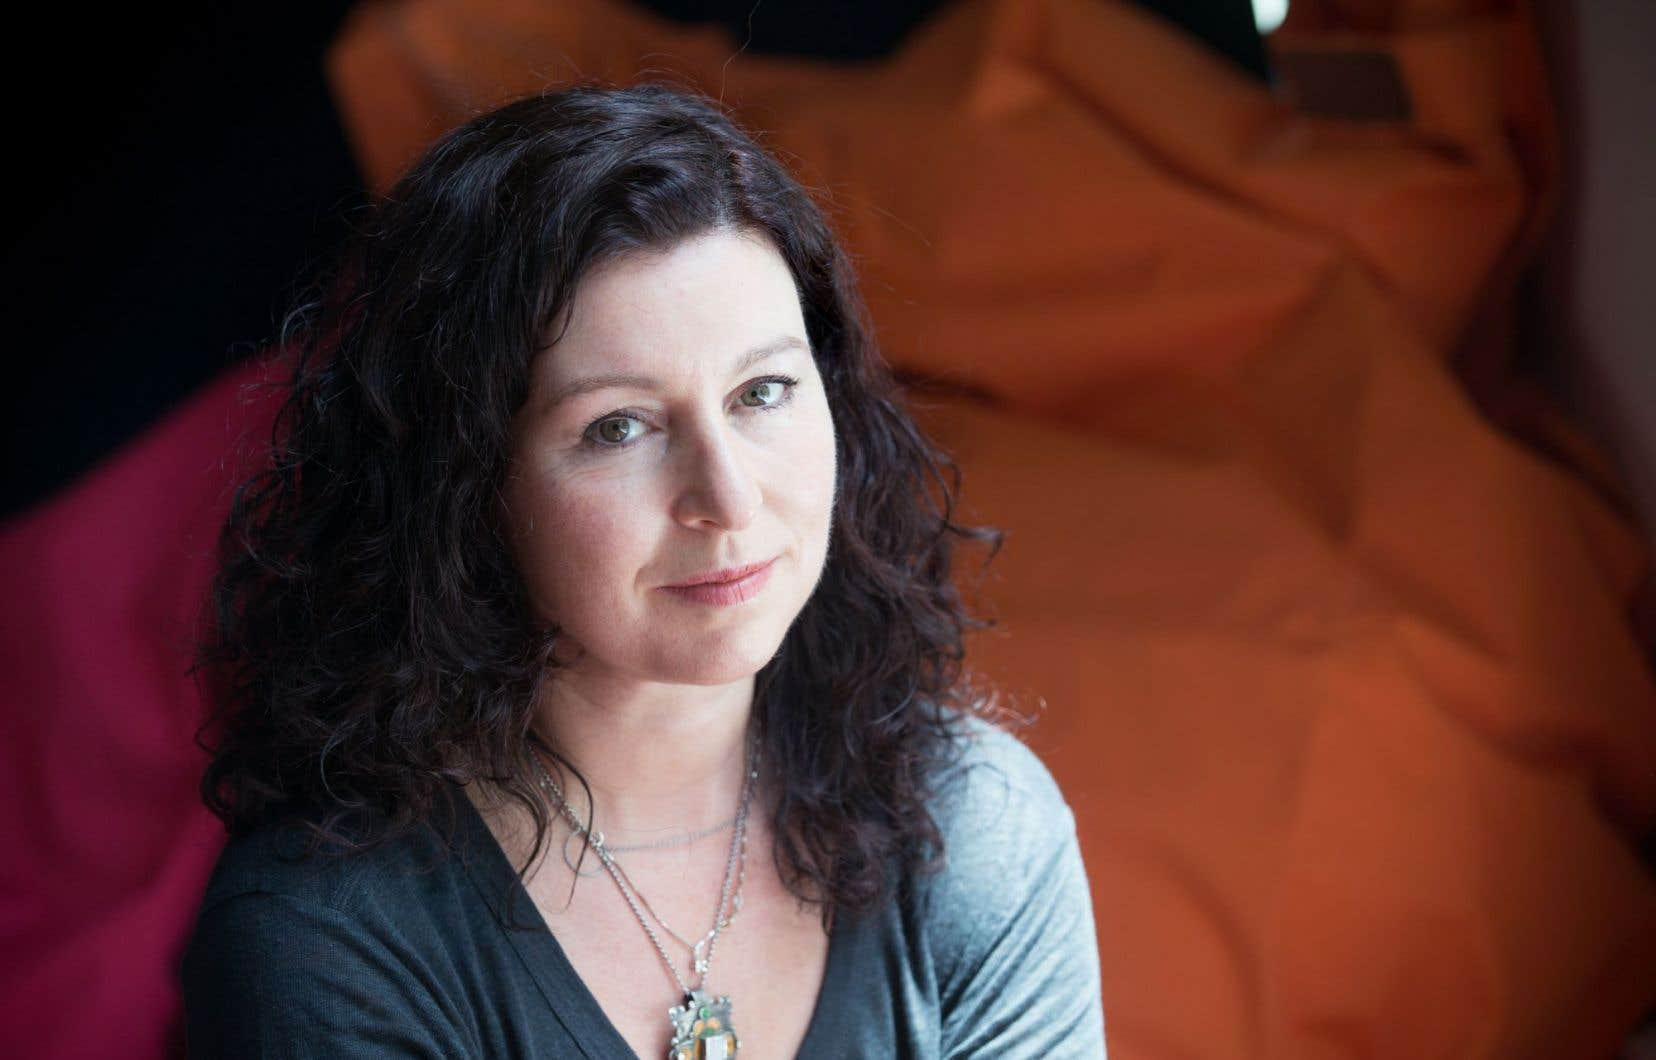 Stéphanie Jasmin est la cometteure en scène de «L'autre hiver», opéra contemporain qu'elle signe à huit mains avec Denis Marleau, l'écrivain Normand Chaurette et le compositeur Dominique Pauwels. «C'est un objet étrange, c'est le moins qu'on puisse dire.»